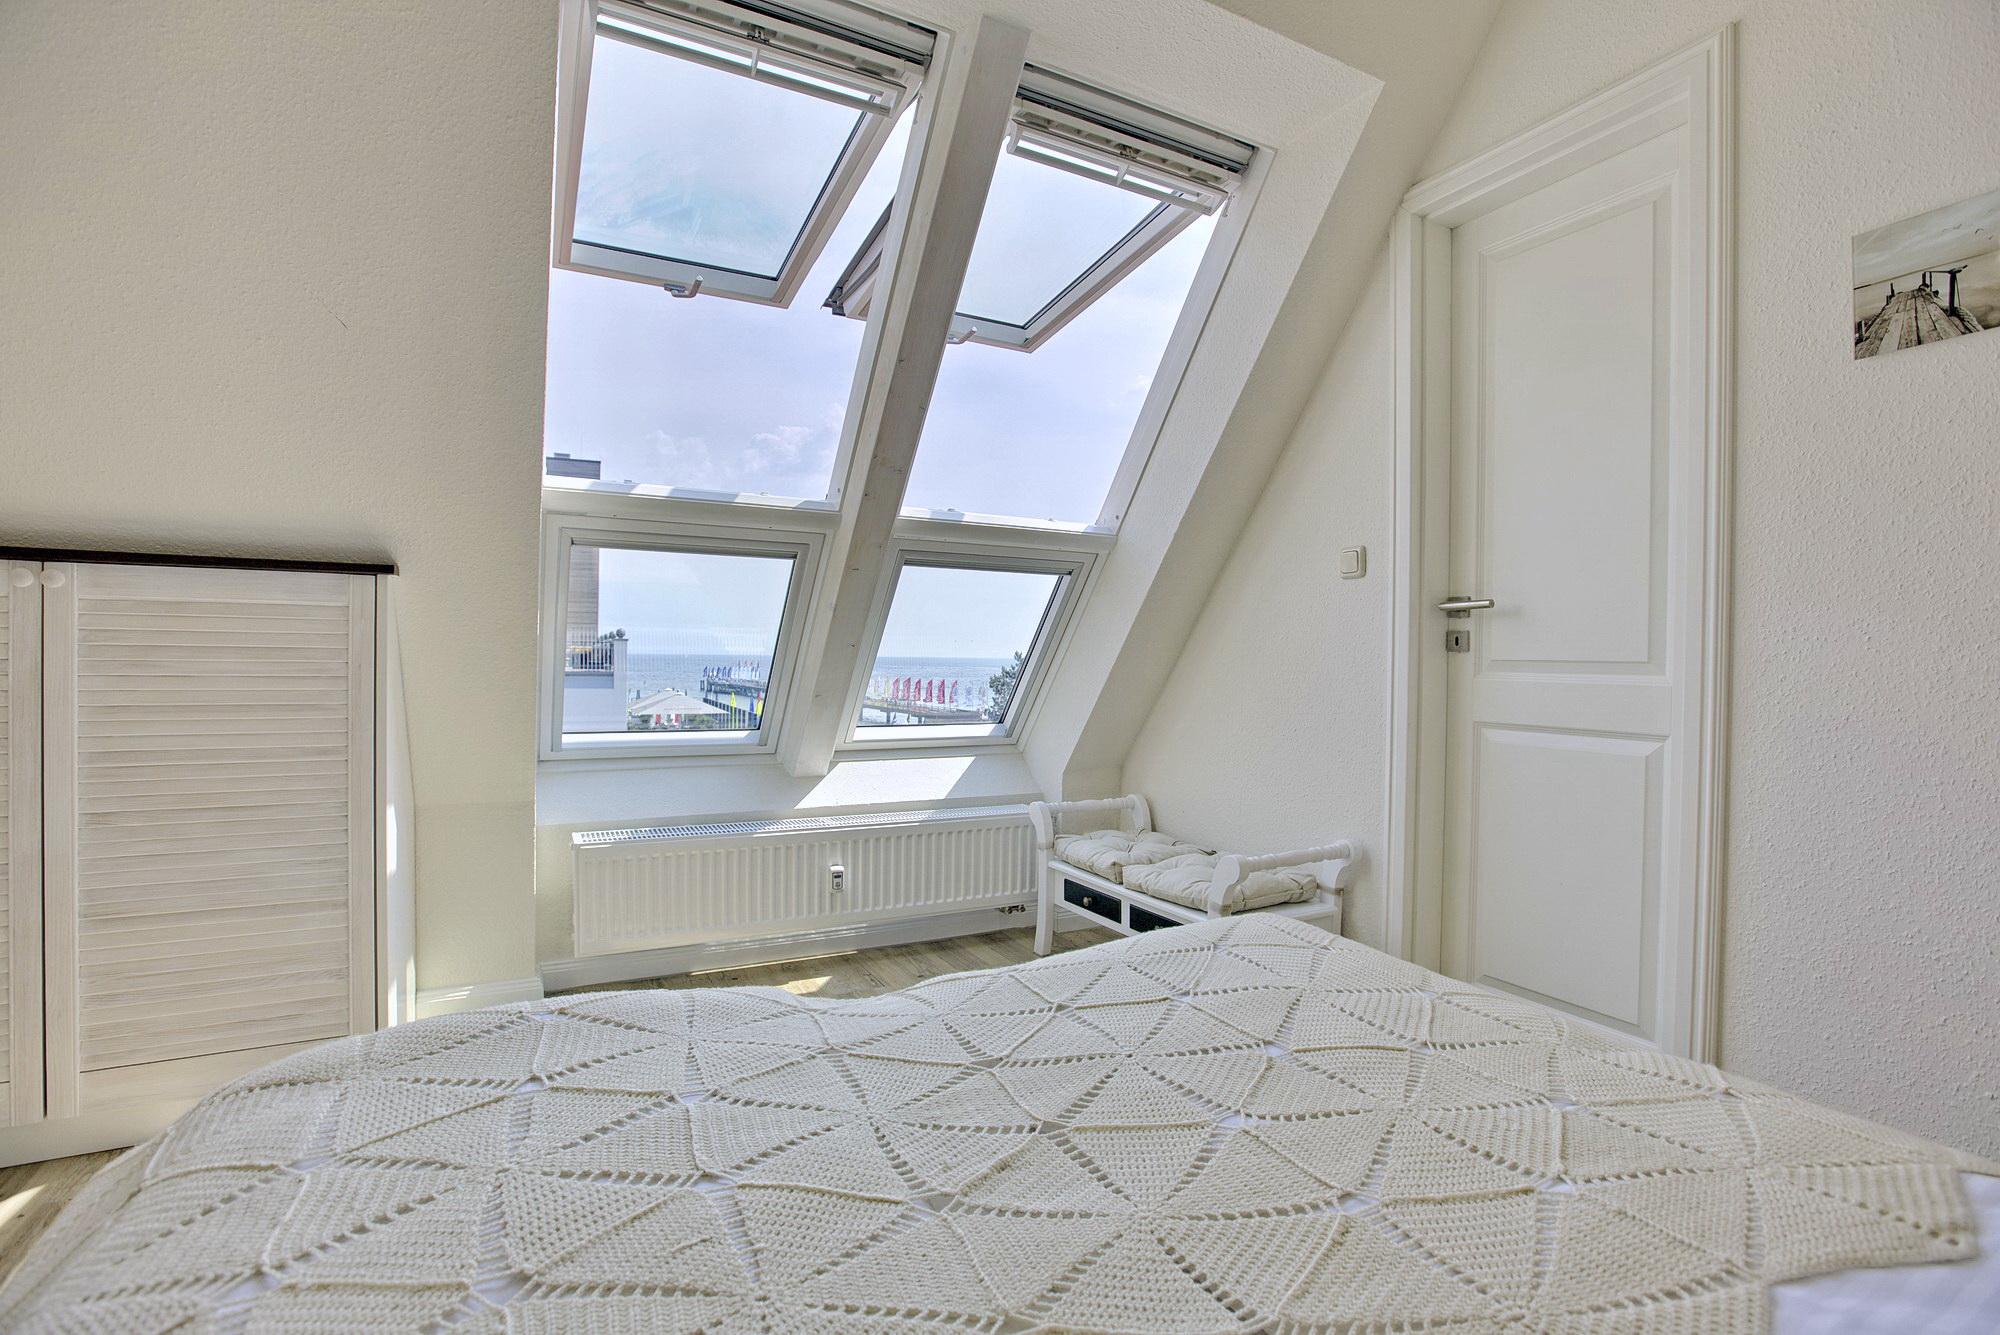 4 Zimmer Ferienwohnung In Scharbeutz Fur 1 6 Personen Ostseeblick